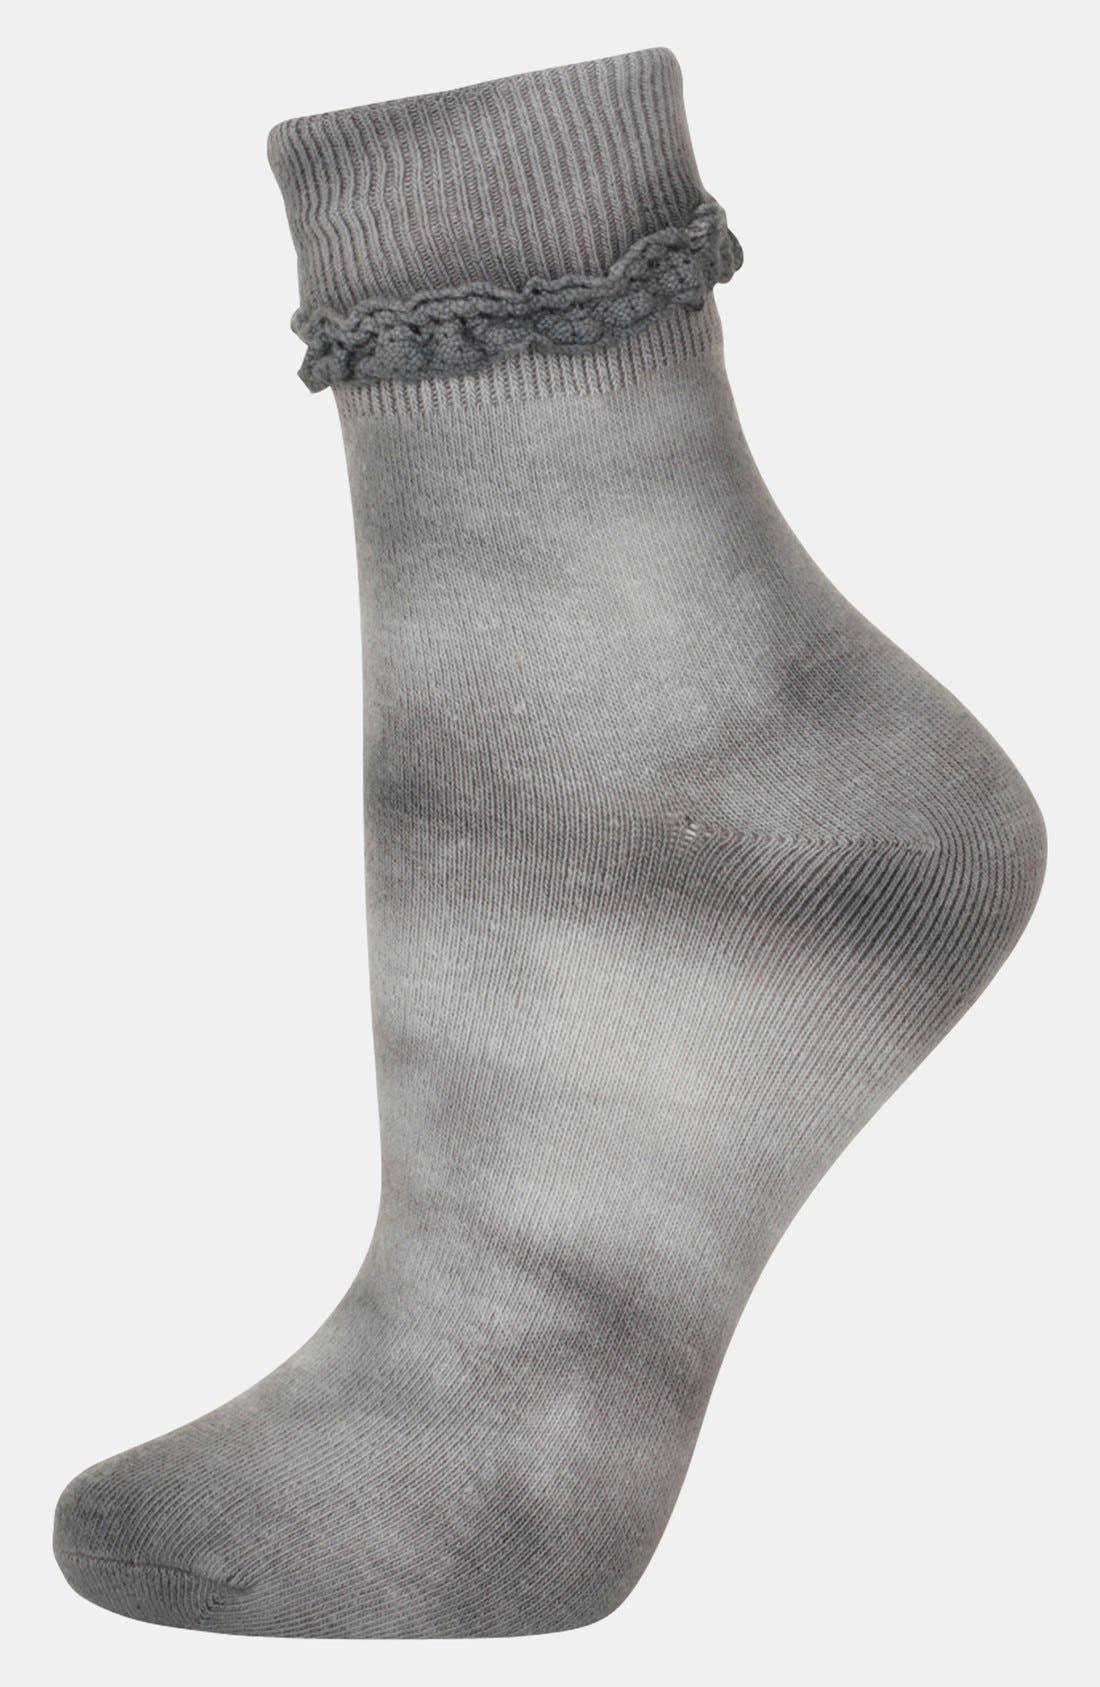 Main Image - Topshop Tie Dye Ankle Socks